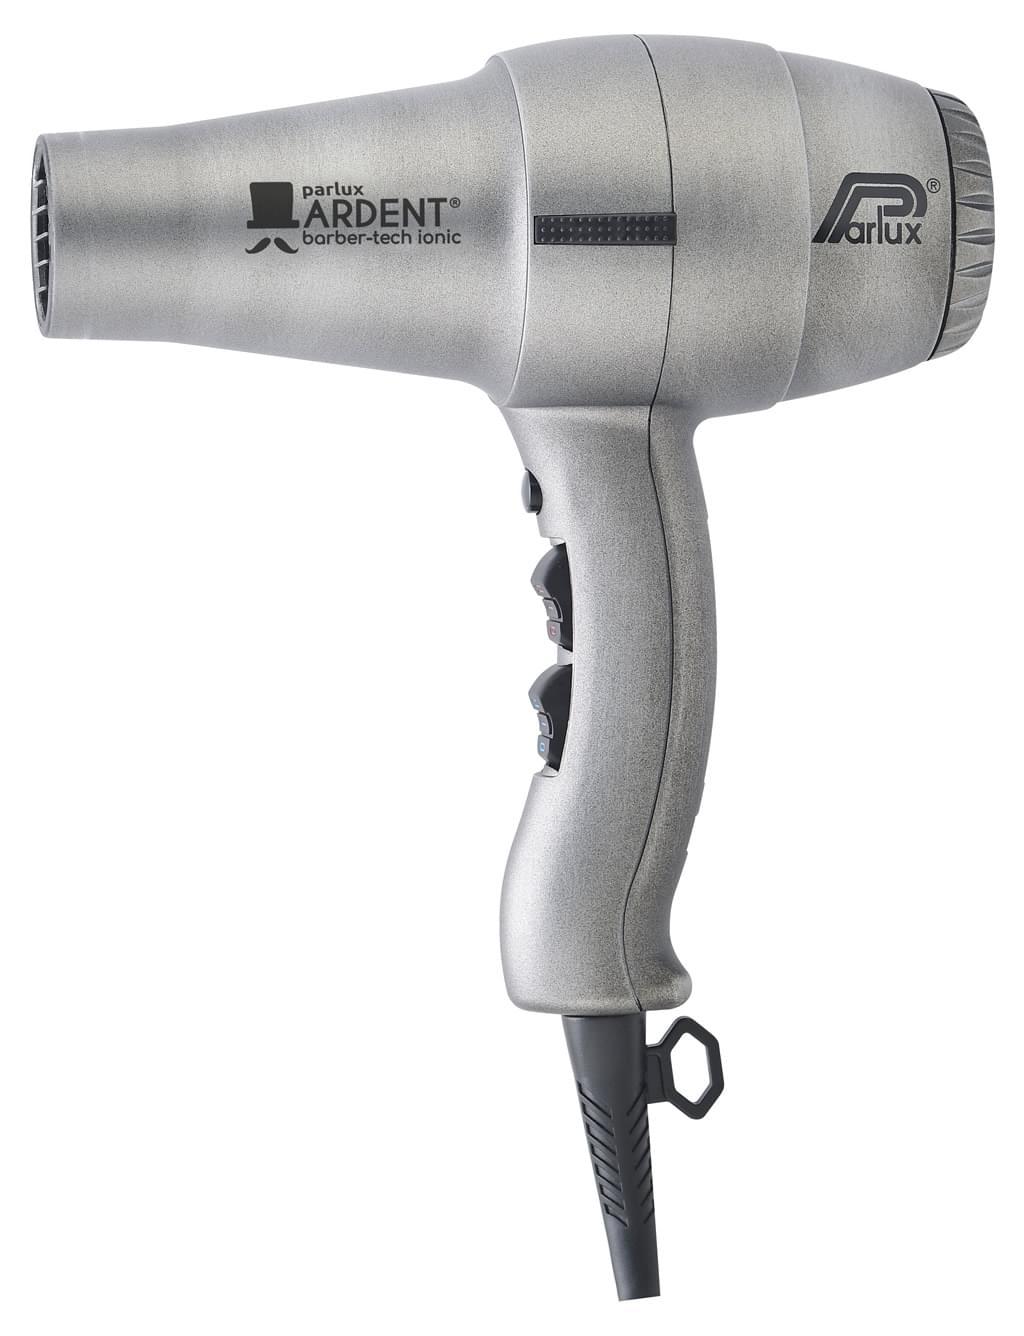 PARLUX Ardent barber-tech ionic professzionális hajszárító 1800 W empty 0b31c12c63